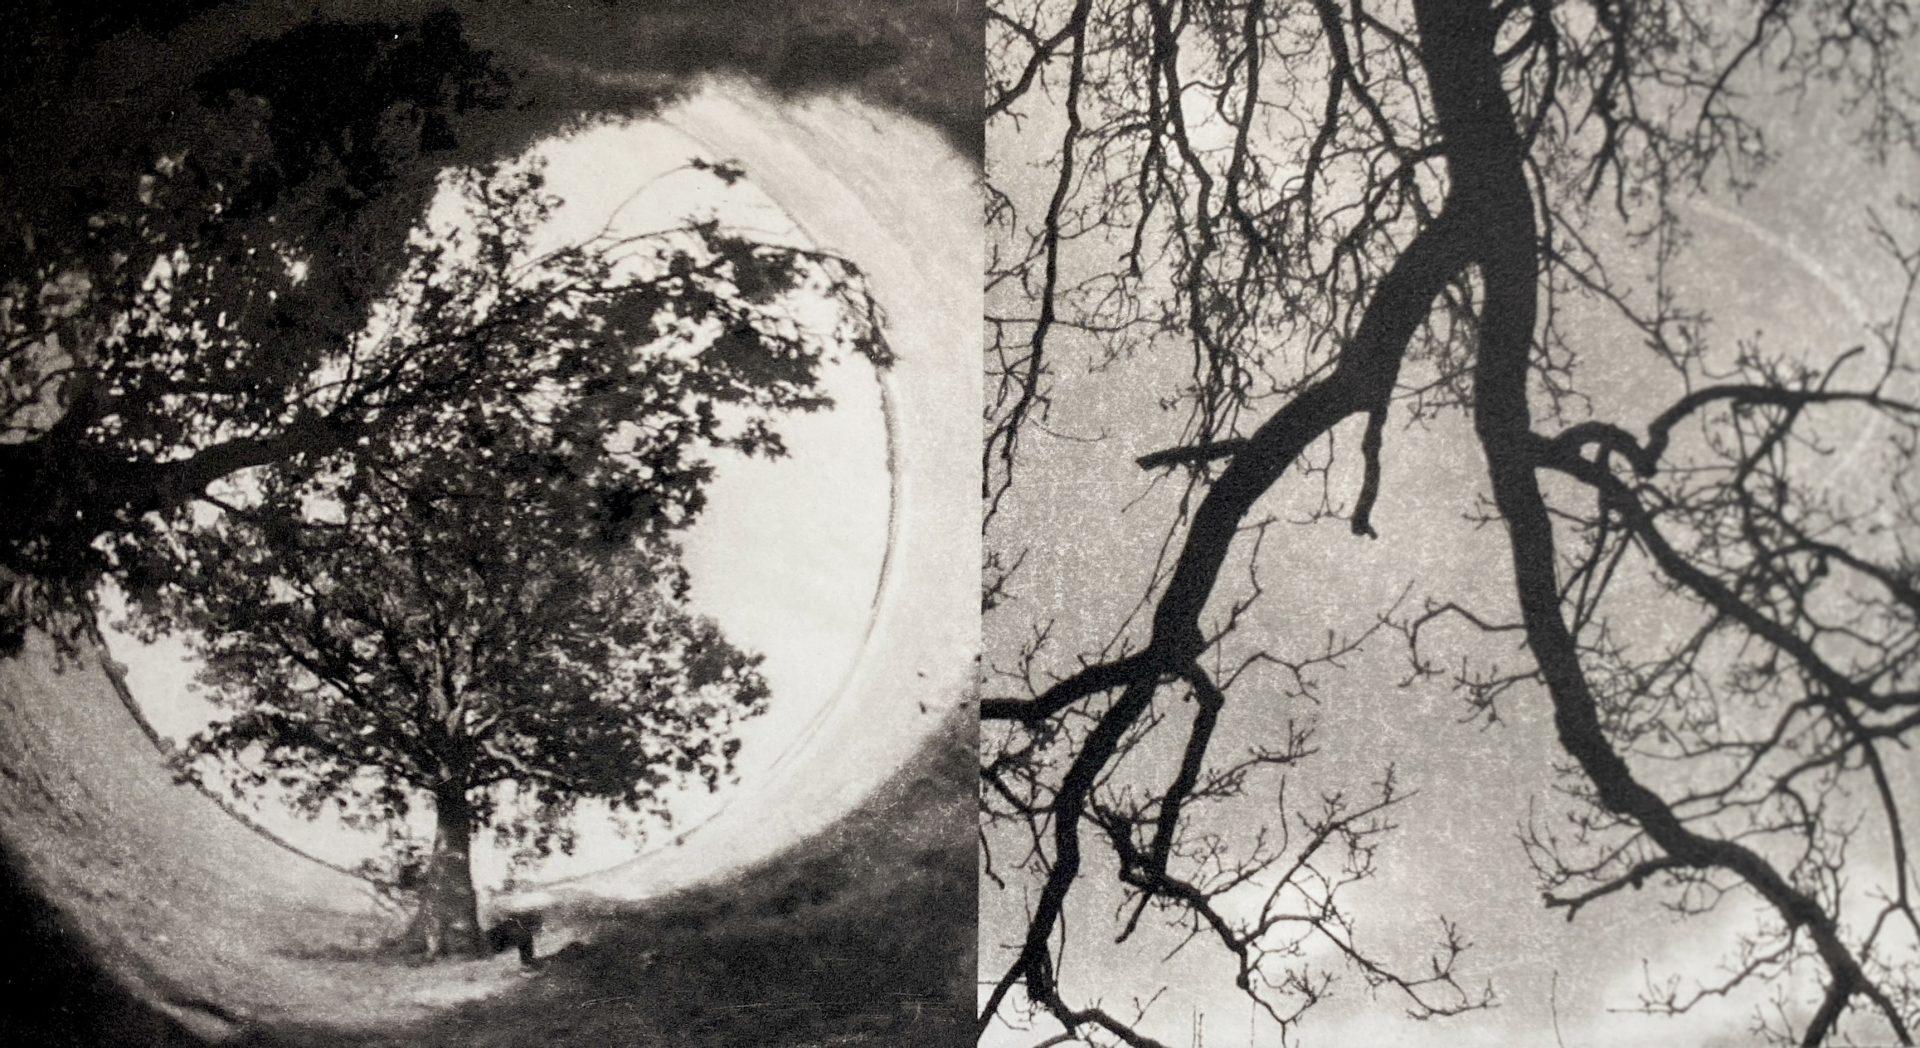 A swing hangs below an oak tree, looking out across a wide river